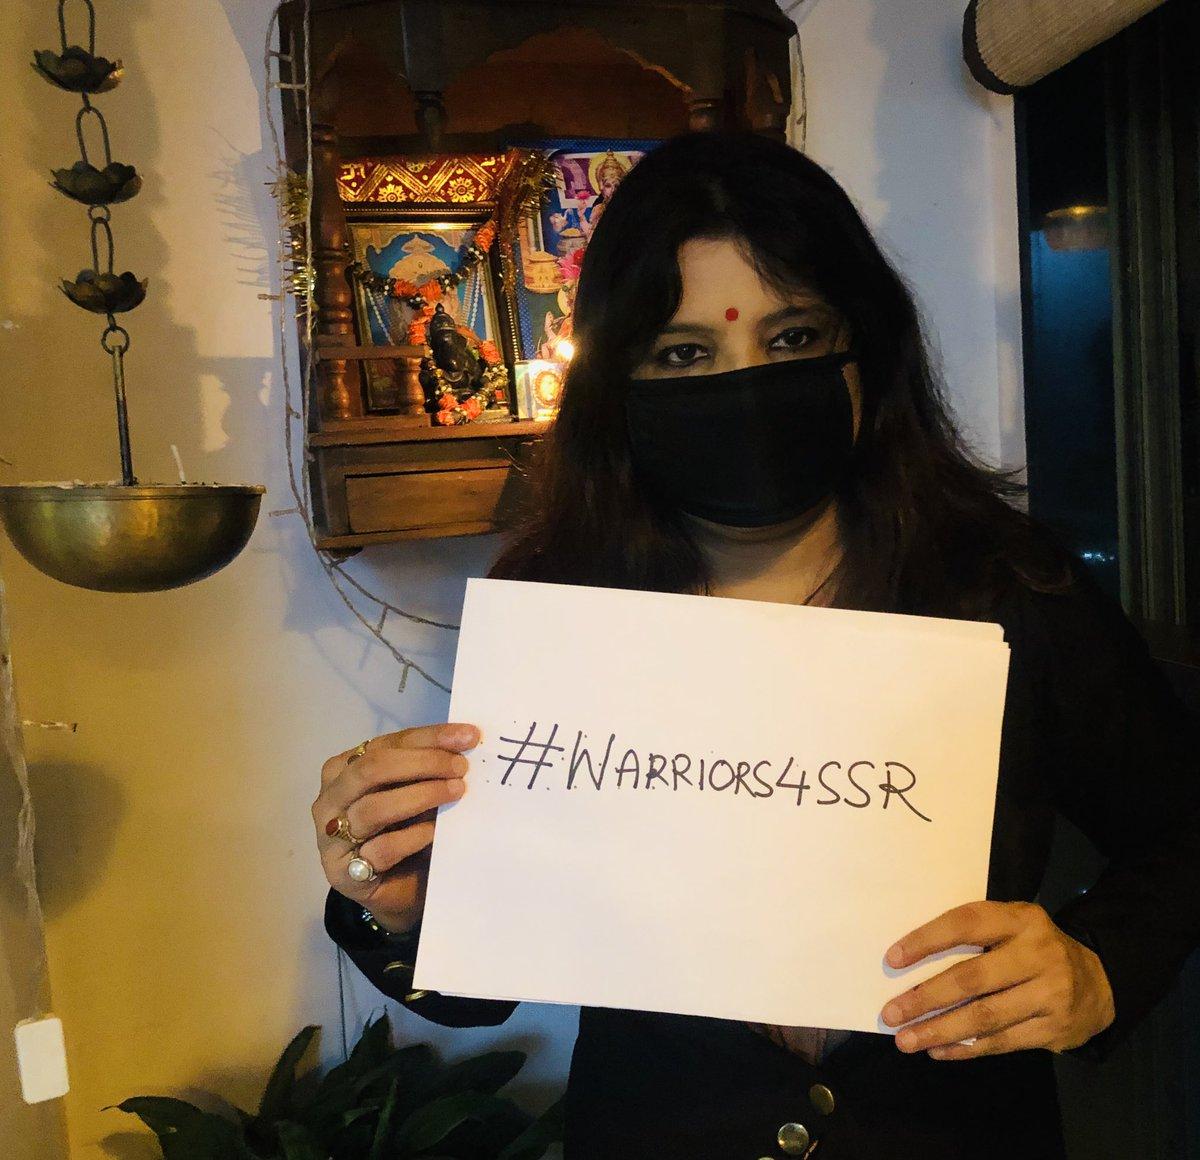 Justice is truth in action 🙏🏼सत्यमेव जयते #Warriors4SSR  @Swamy39 @itsSSR @ishkarnBHANDARI @arnabofficial7  @